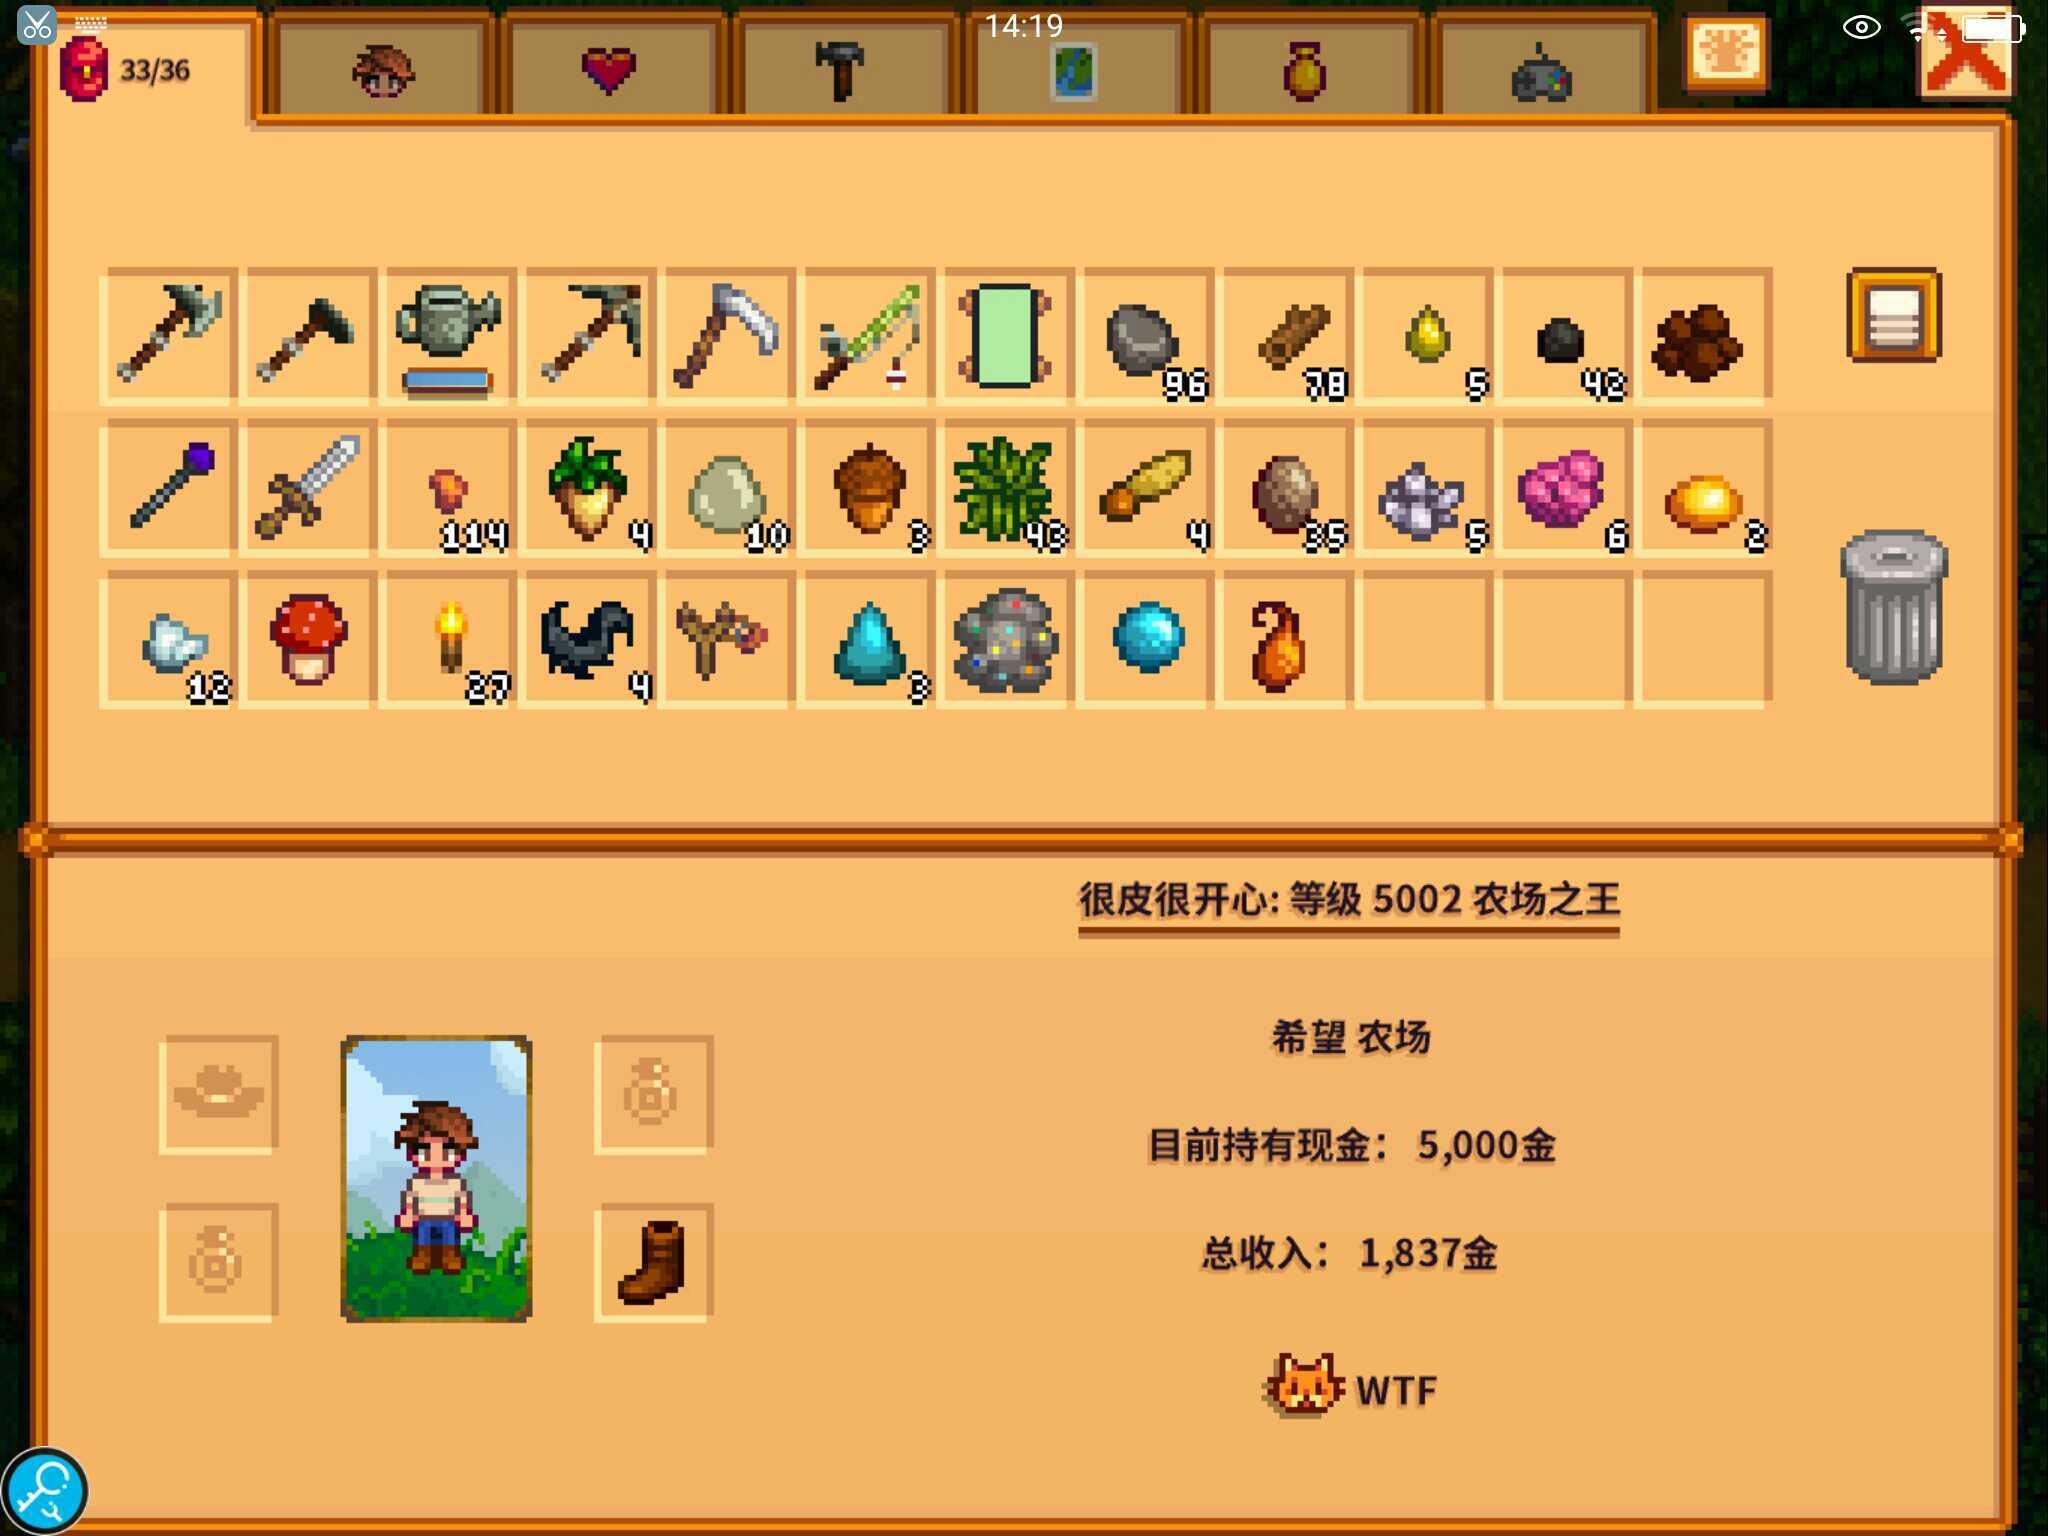 星露谷物语mod版游戏截图